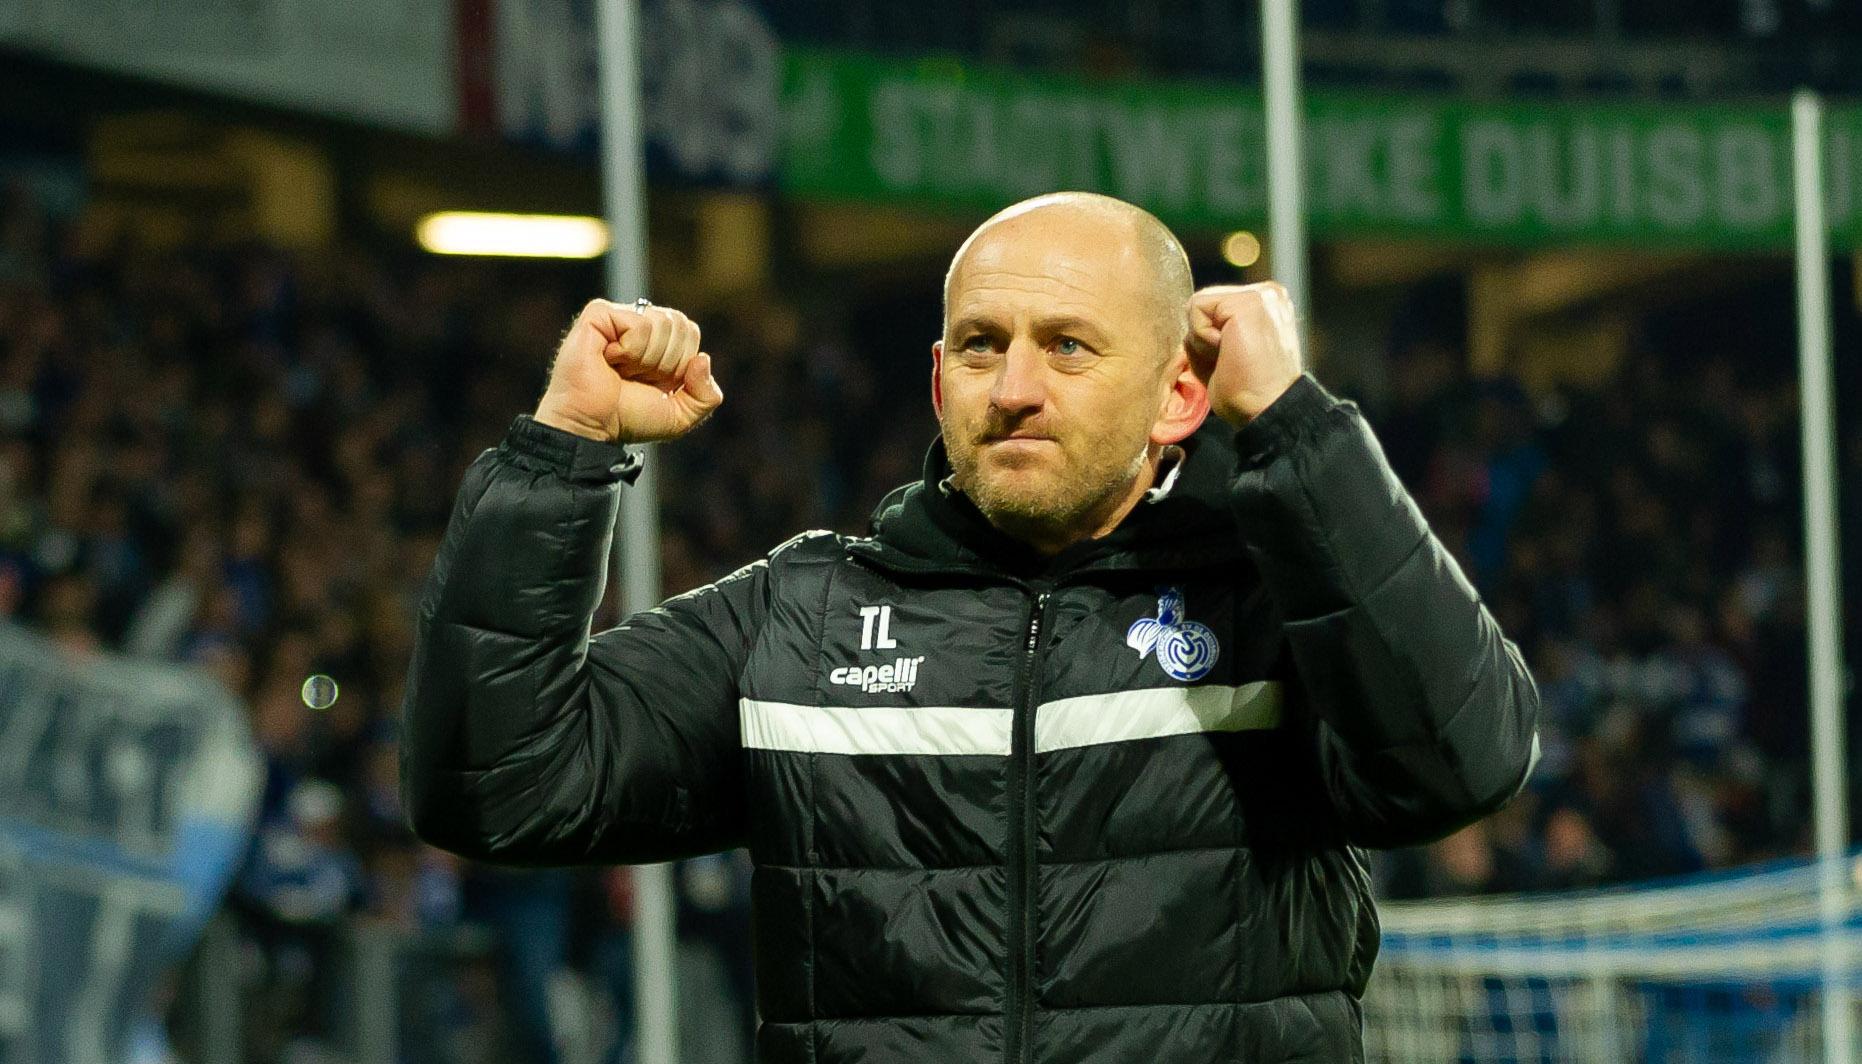 MSV Duisburg – Arminia Bielefeld: Endspiel für die Zebras